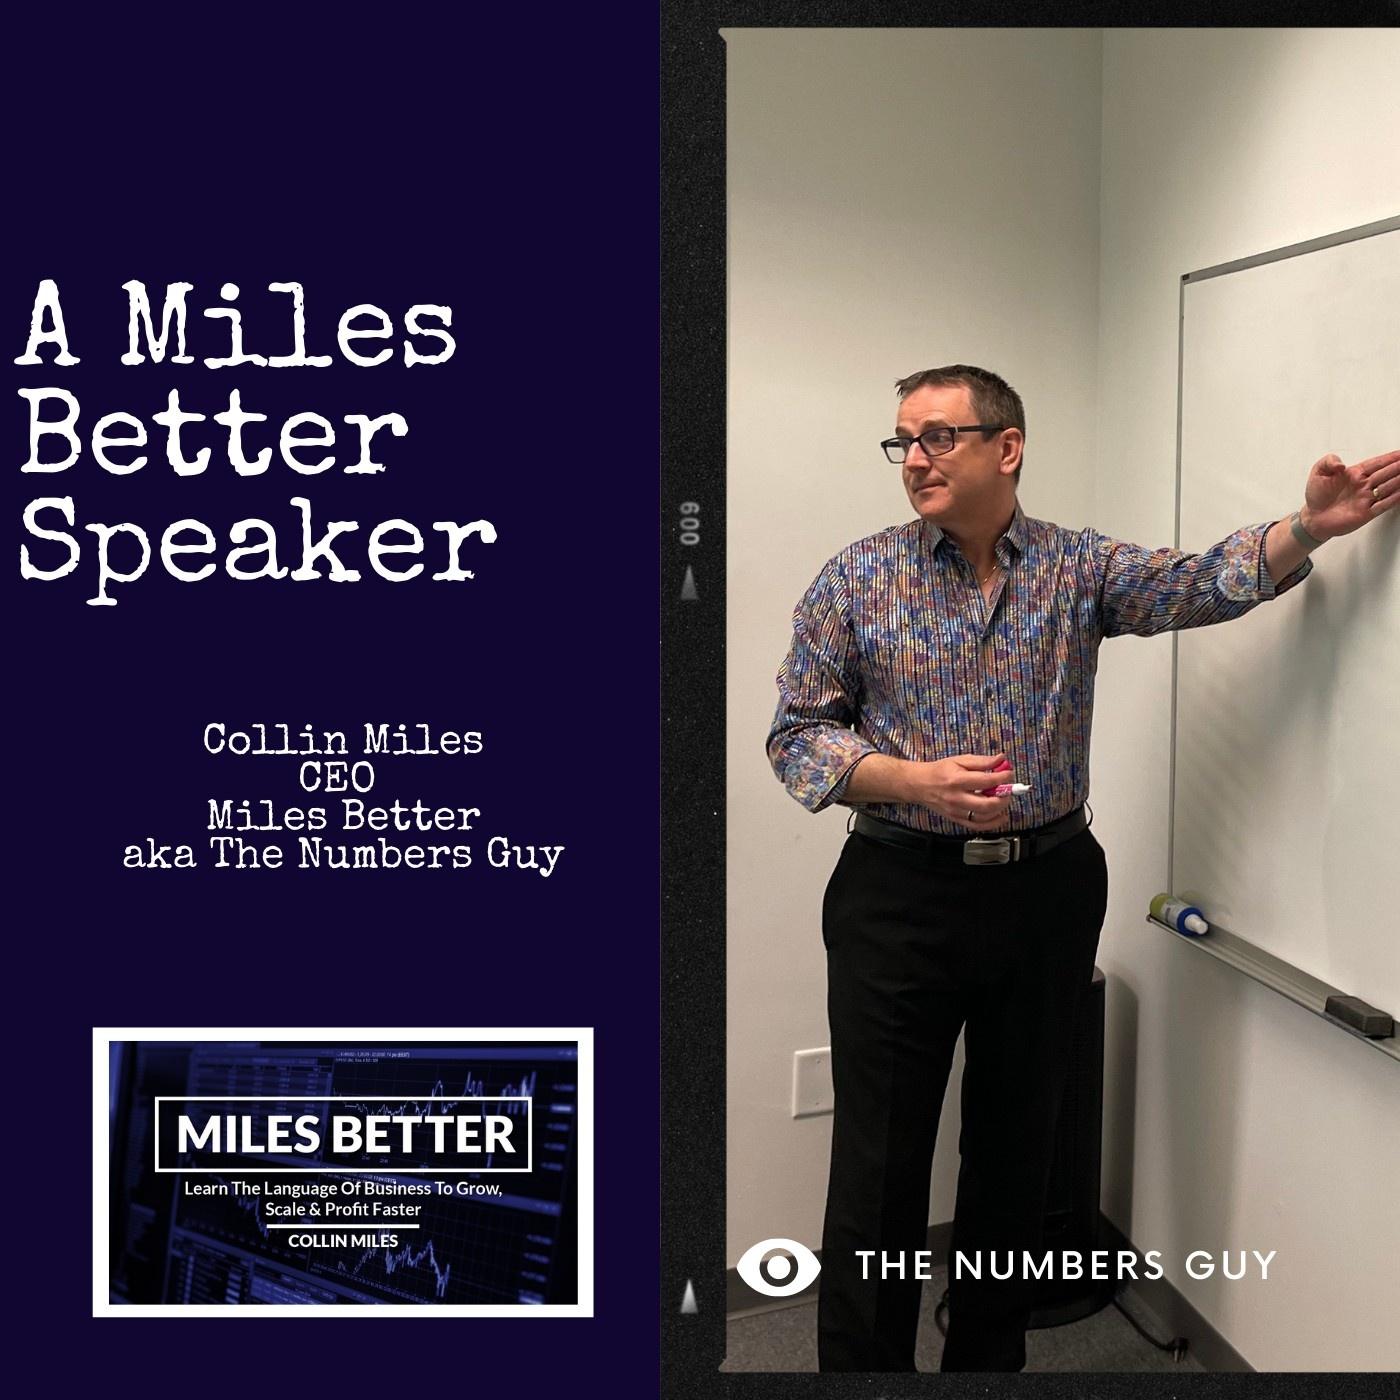 A Miles Better Speaker